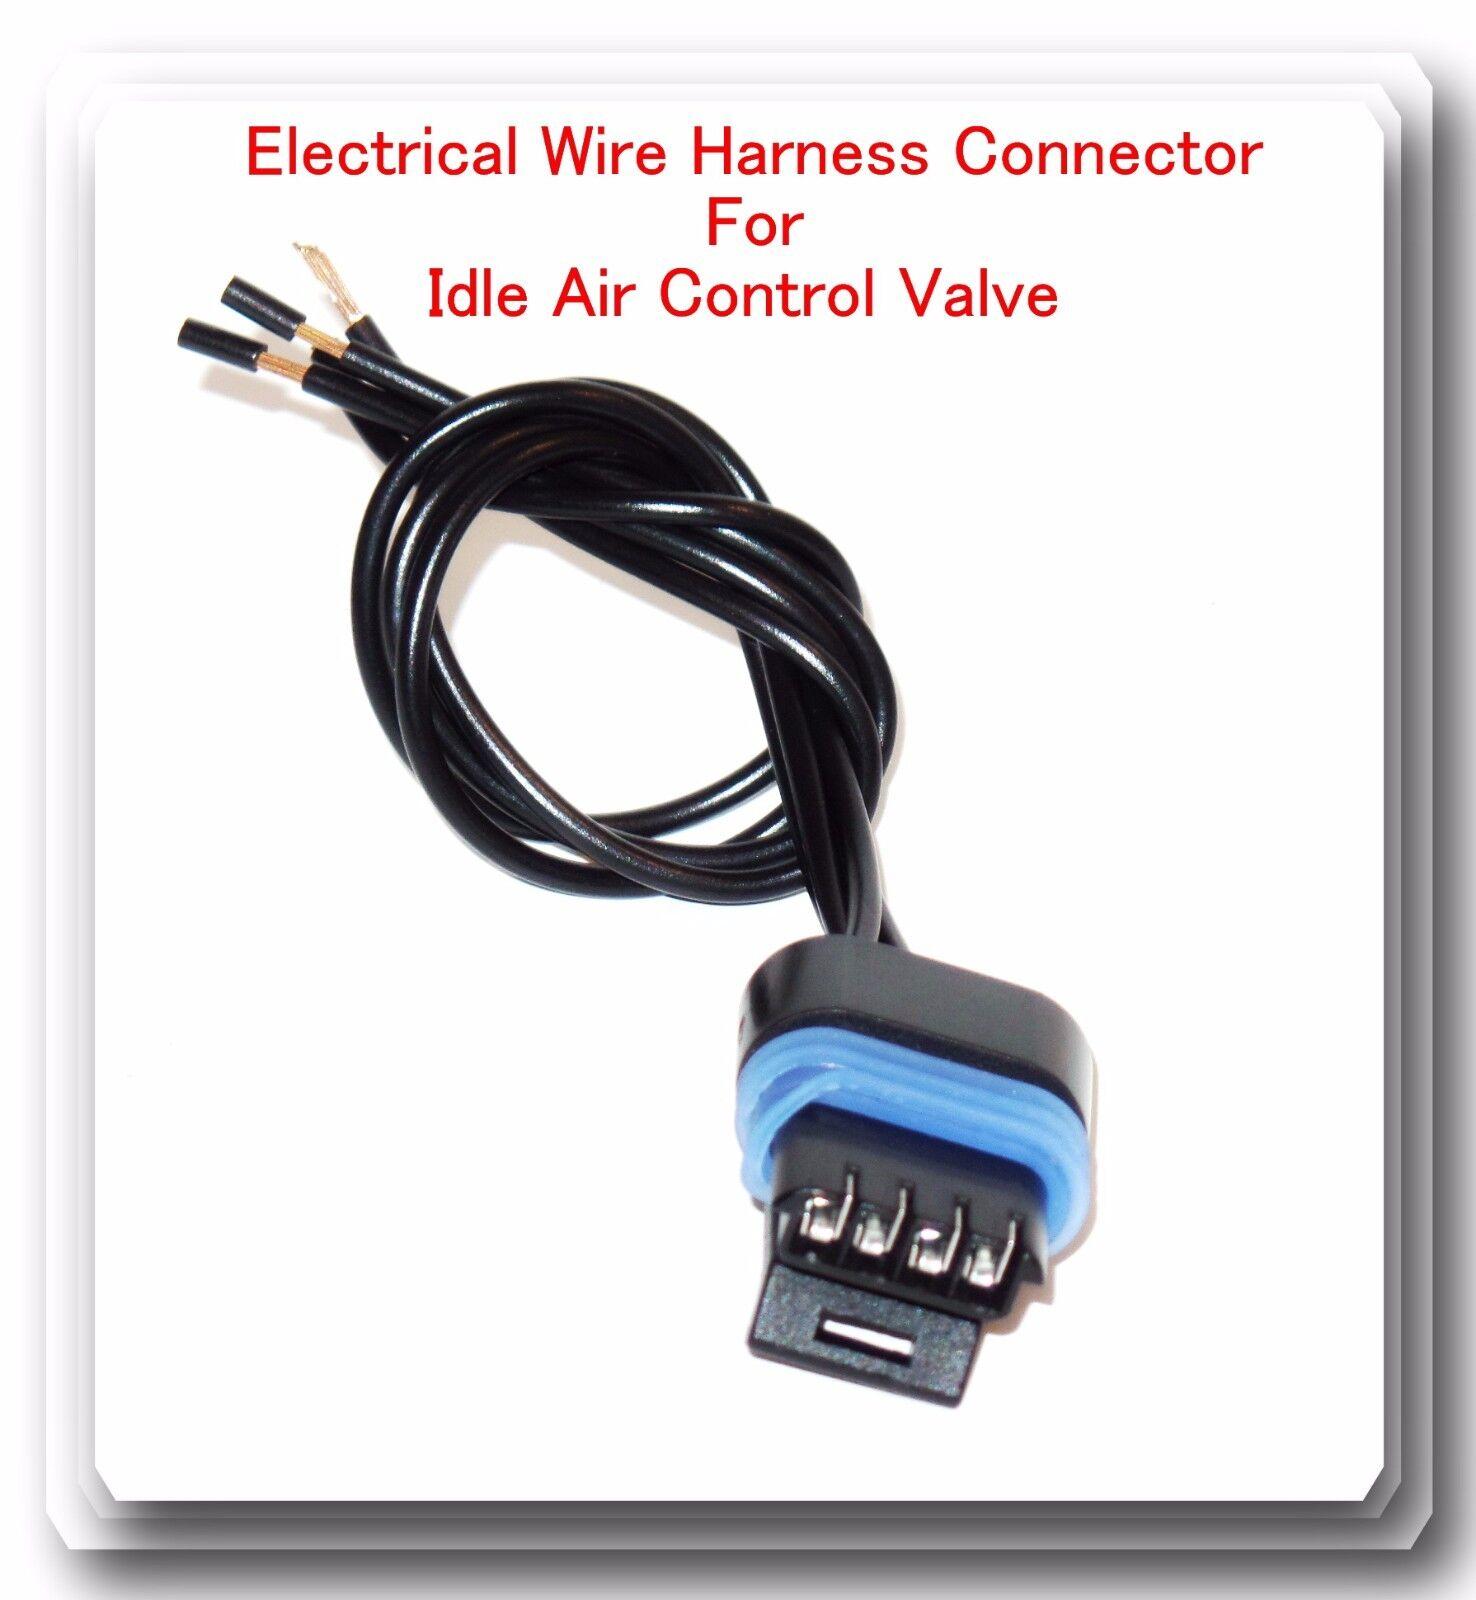 WRG-9424] Gm Idle Air Control Valve Wiring